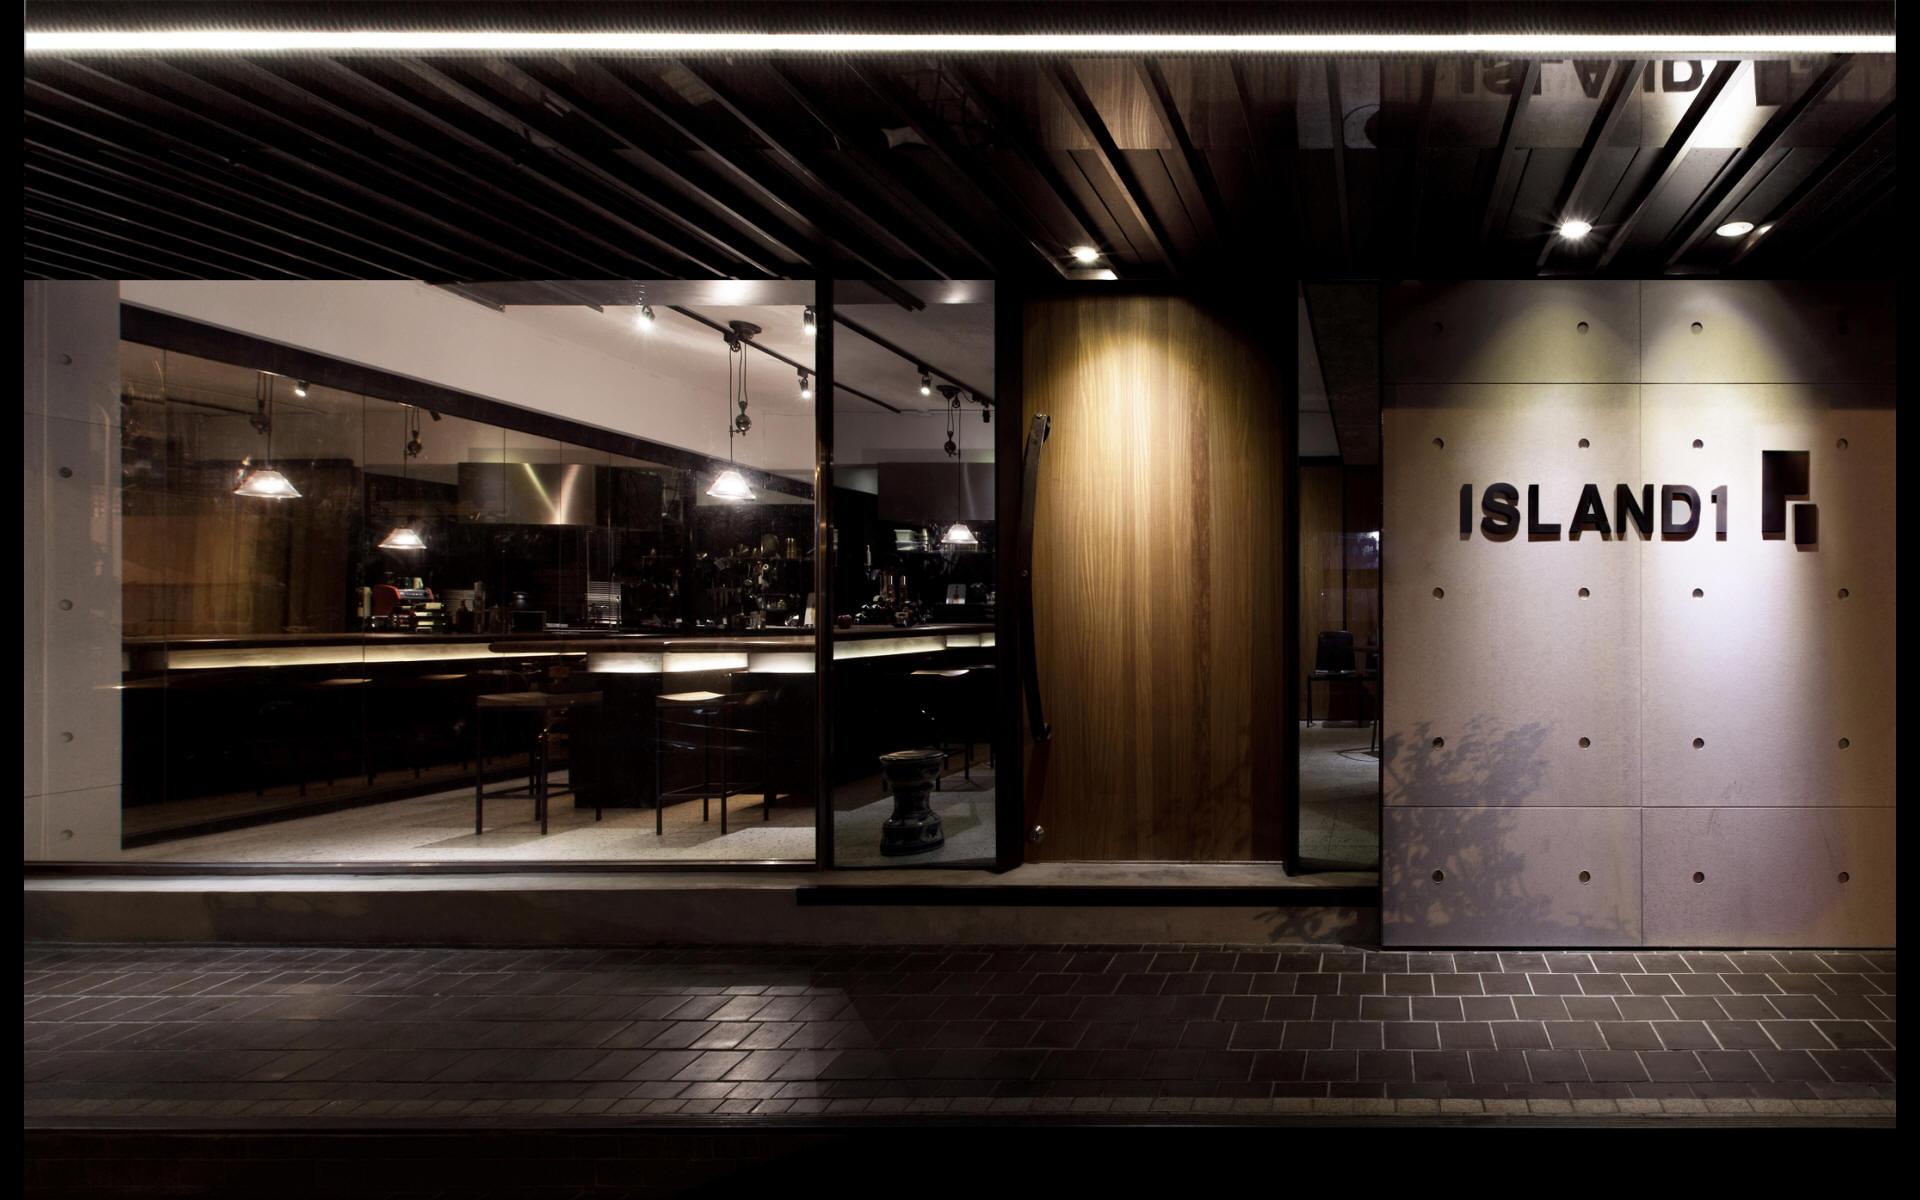 ISLAND1 KITCKEN|TAIPEI